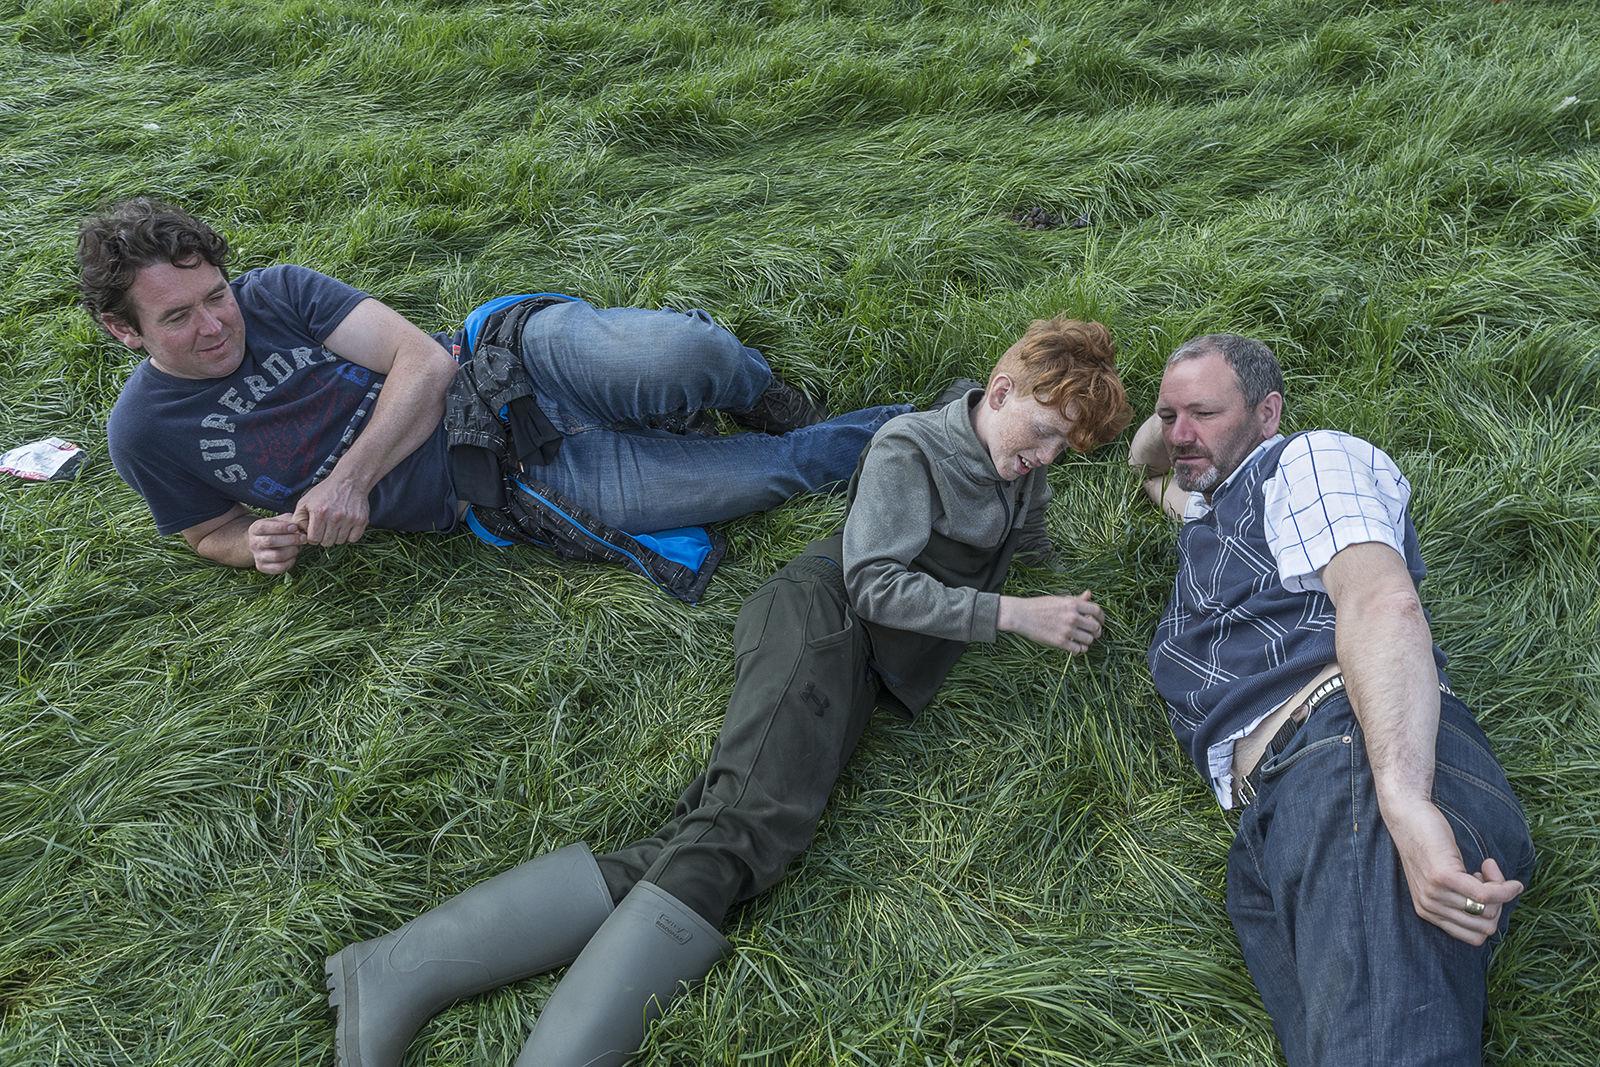 Three Men on Field, Appleby Horse Fair, UK 2019